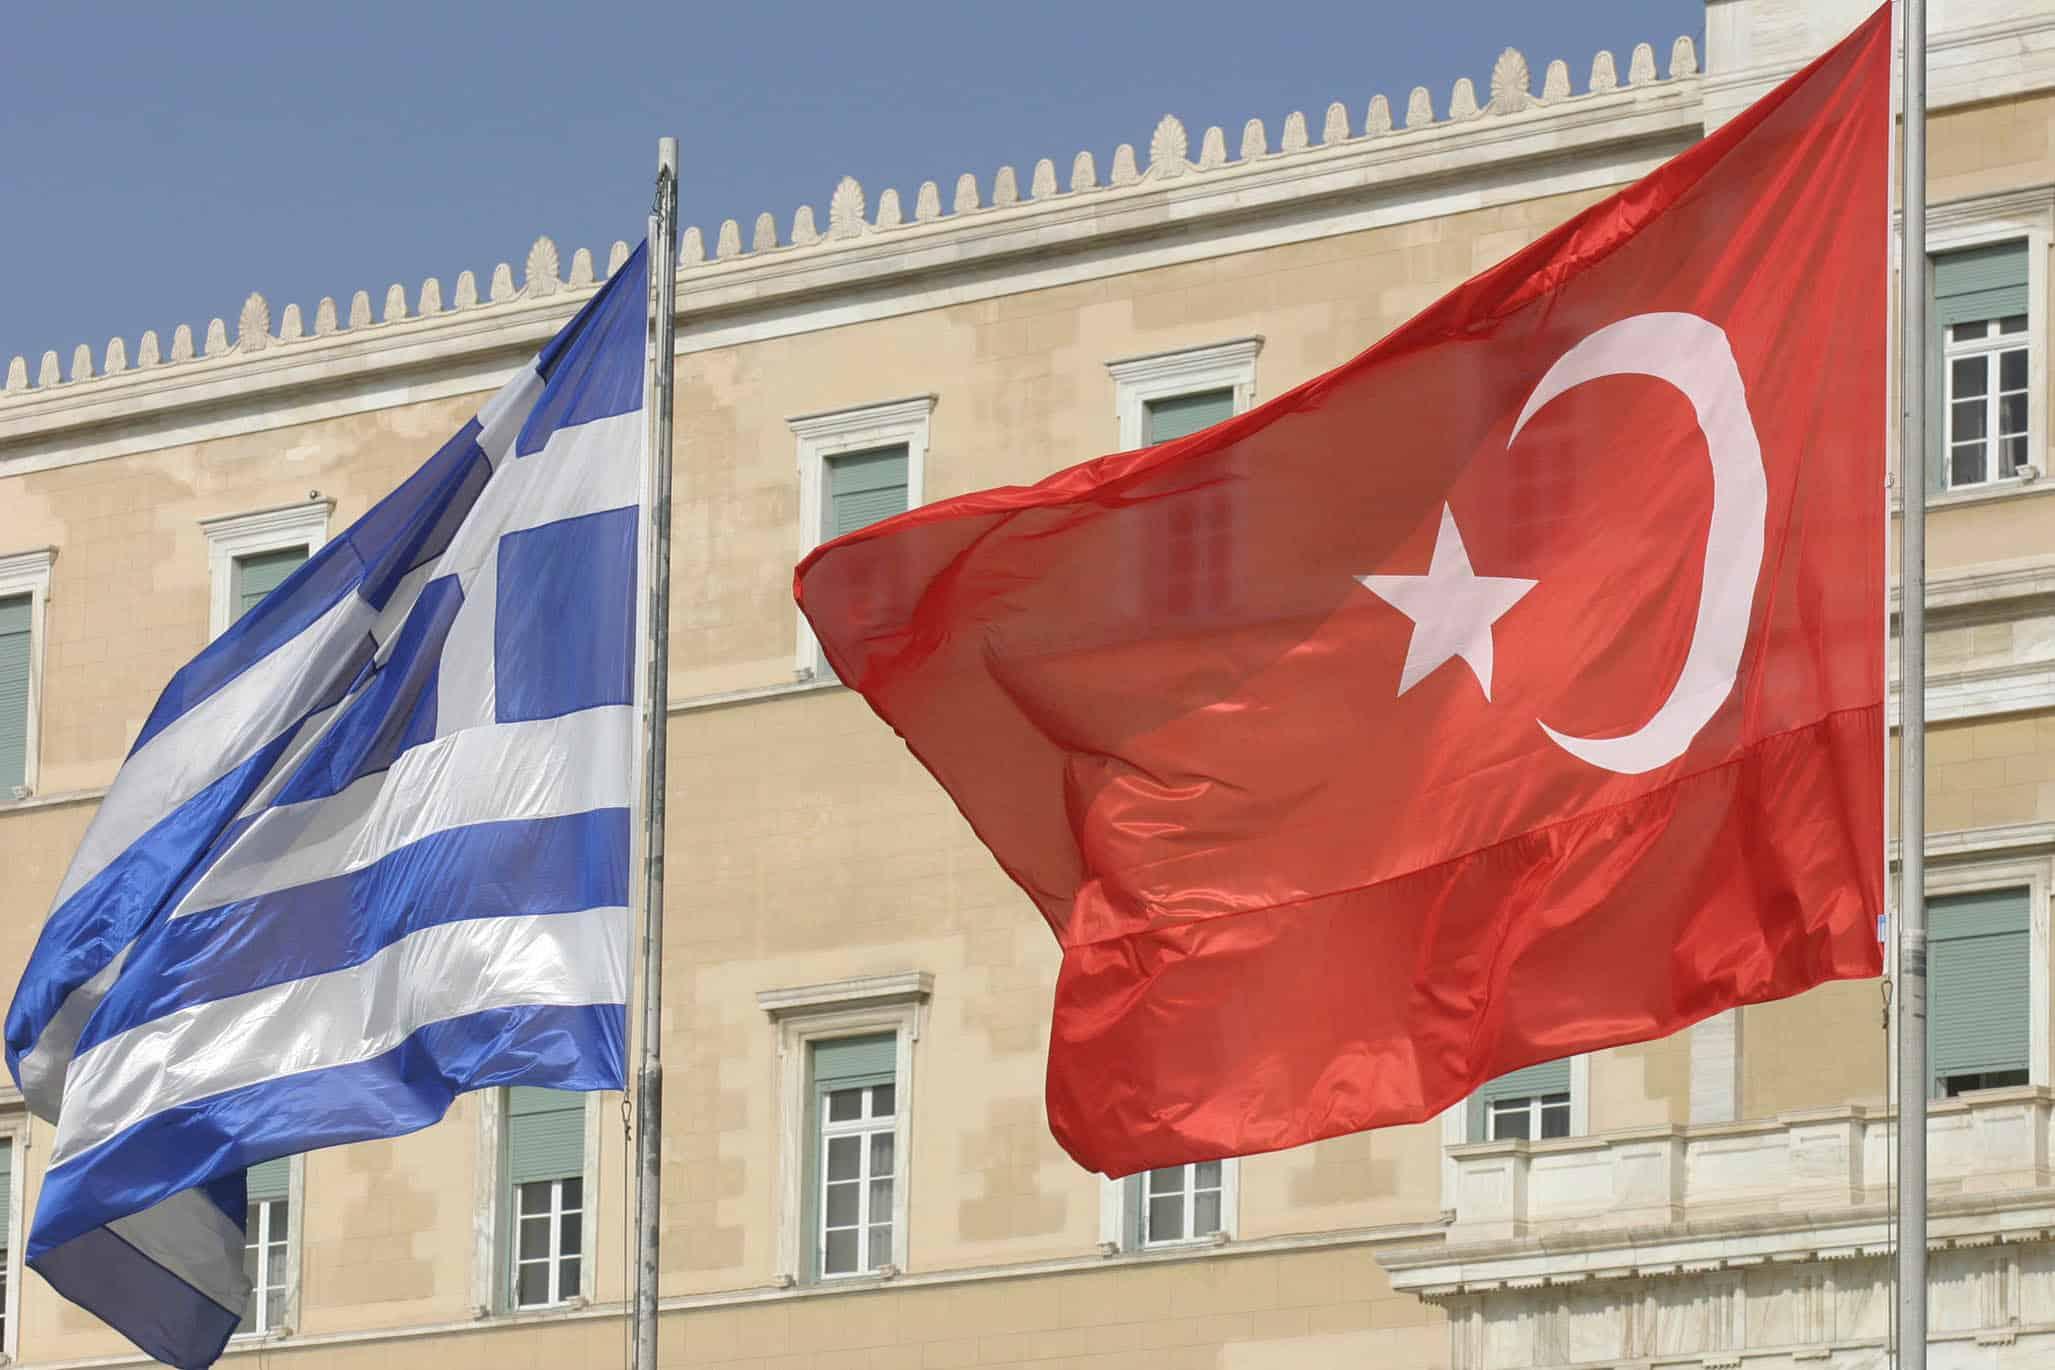 εκλογές διερευνητικές 28 αυγούστου Ελλάδα Τουρκία Ελληνοτουρκικά: Κυβερνητική διγλωσσία και μυστική διπλωματία -Σκληρή γλώσσα από τη μια, μυστική διπλωματία «συνδιαλλαγής» από την άλλη Ελλάδα - Τουρκία: Οι δηλώσεις «Μπριζίτ Μπαρντό» στα εθνικά θέματα